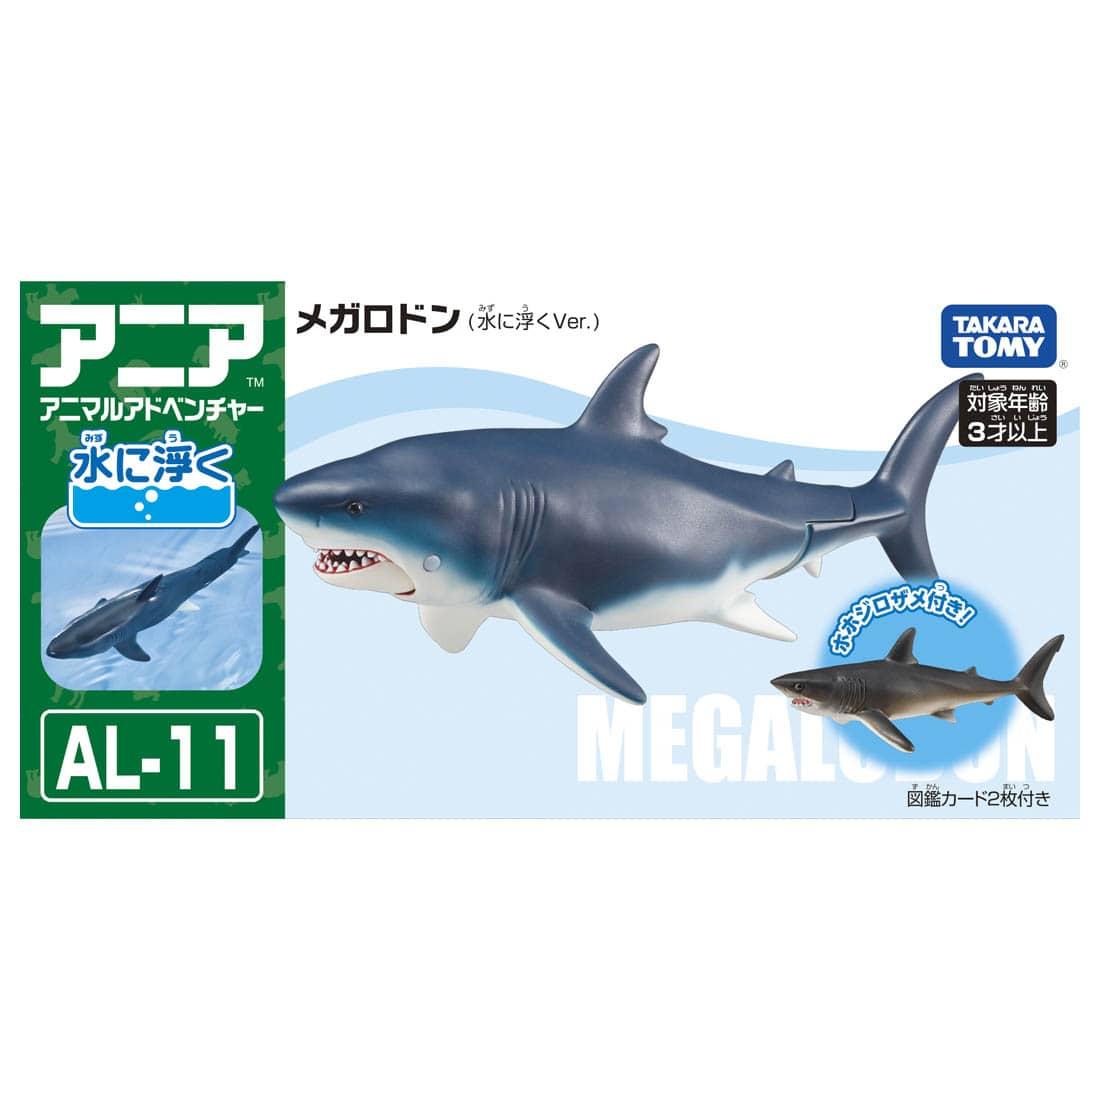 TOMY 動物模型 AL-11 巨齒鯊 (飄浮版)